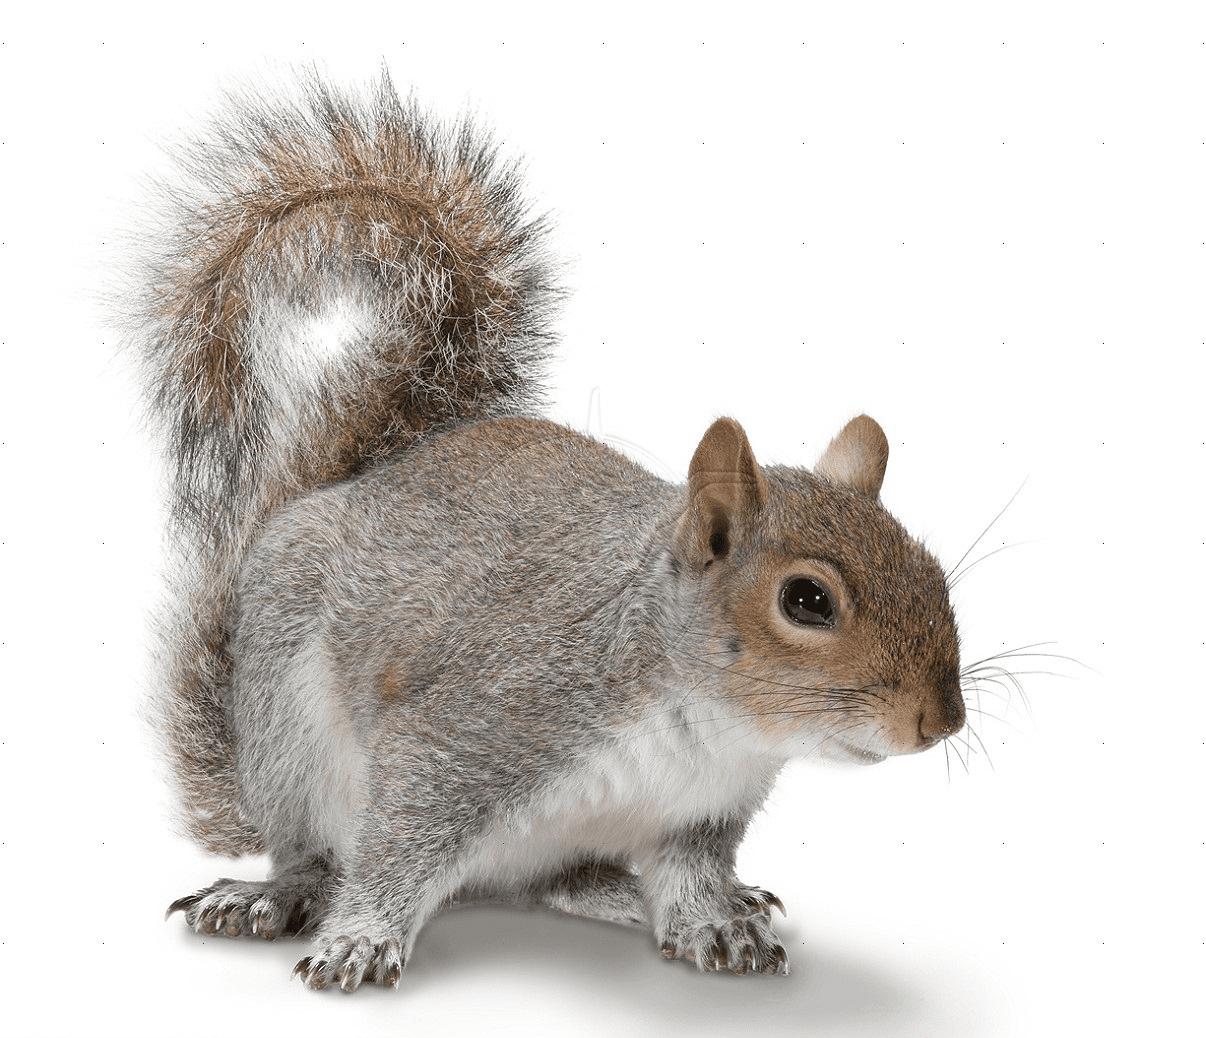 squirrel problem